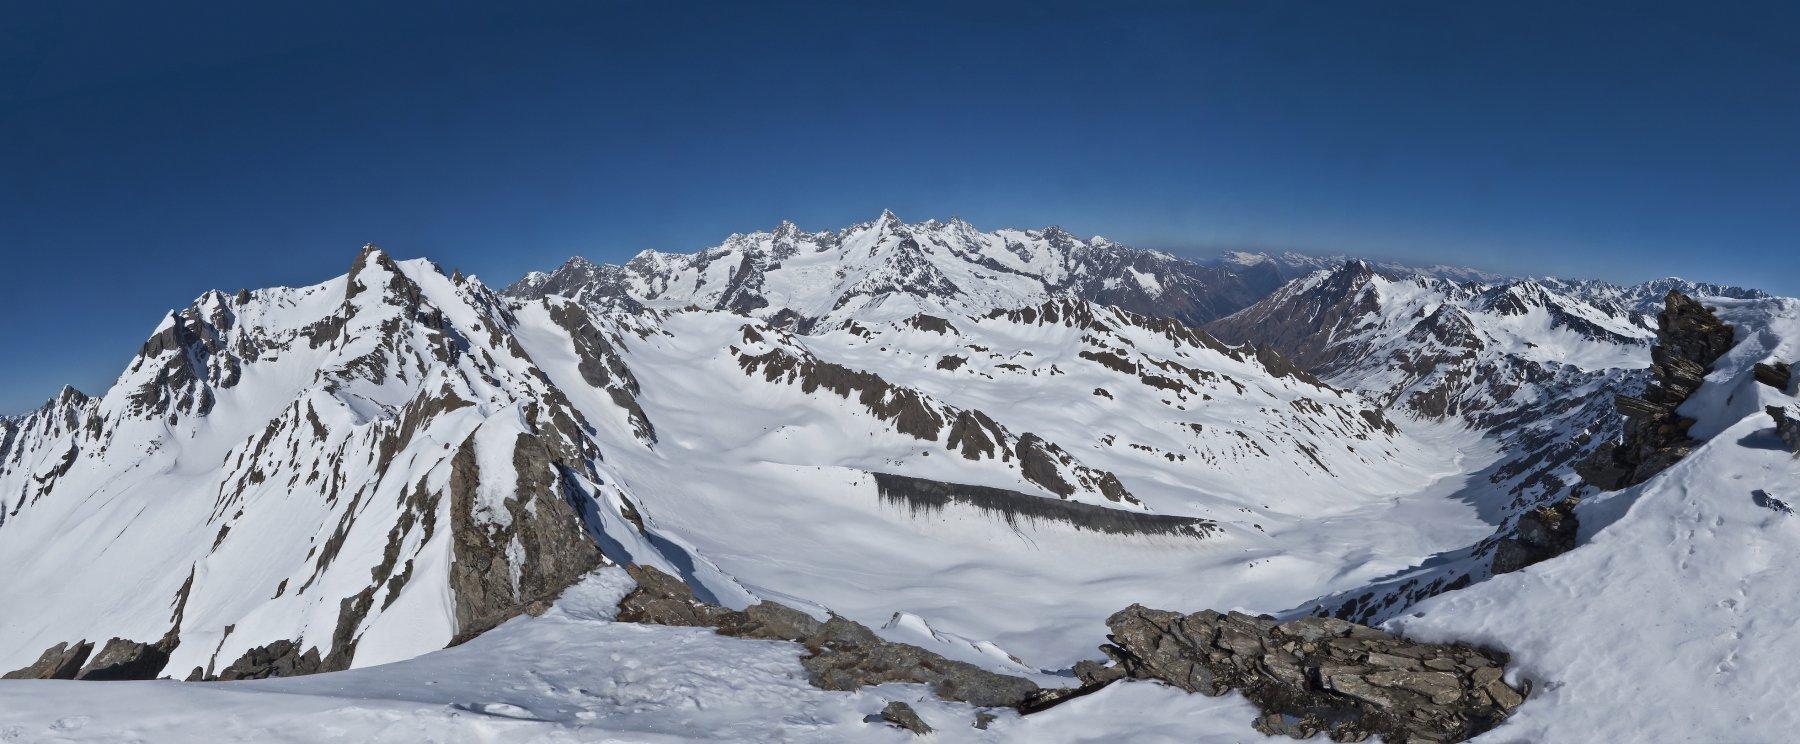 Panoramica 180° dalla cima, con la Gran Golliaz a sinistra, in fondo il massiccio del Bianco dalle Petit Jorasses al Dolent, la Val Ferret svizzera